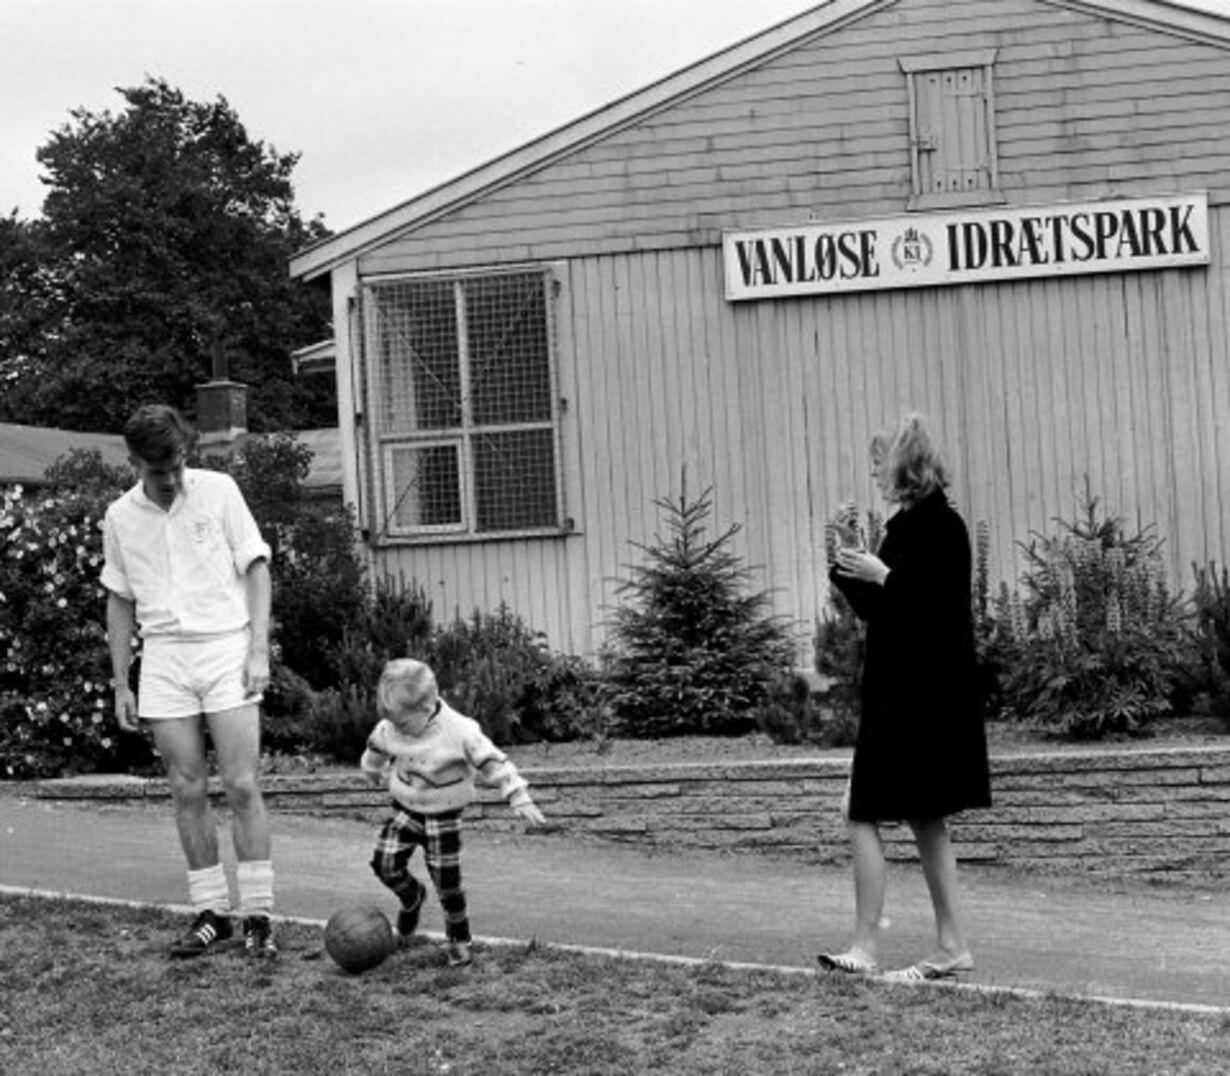 Michael Laudrups karriere i billeder - 1